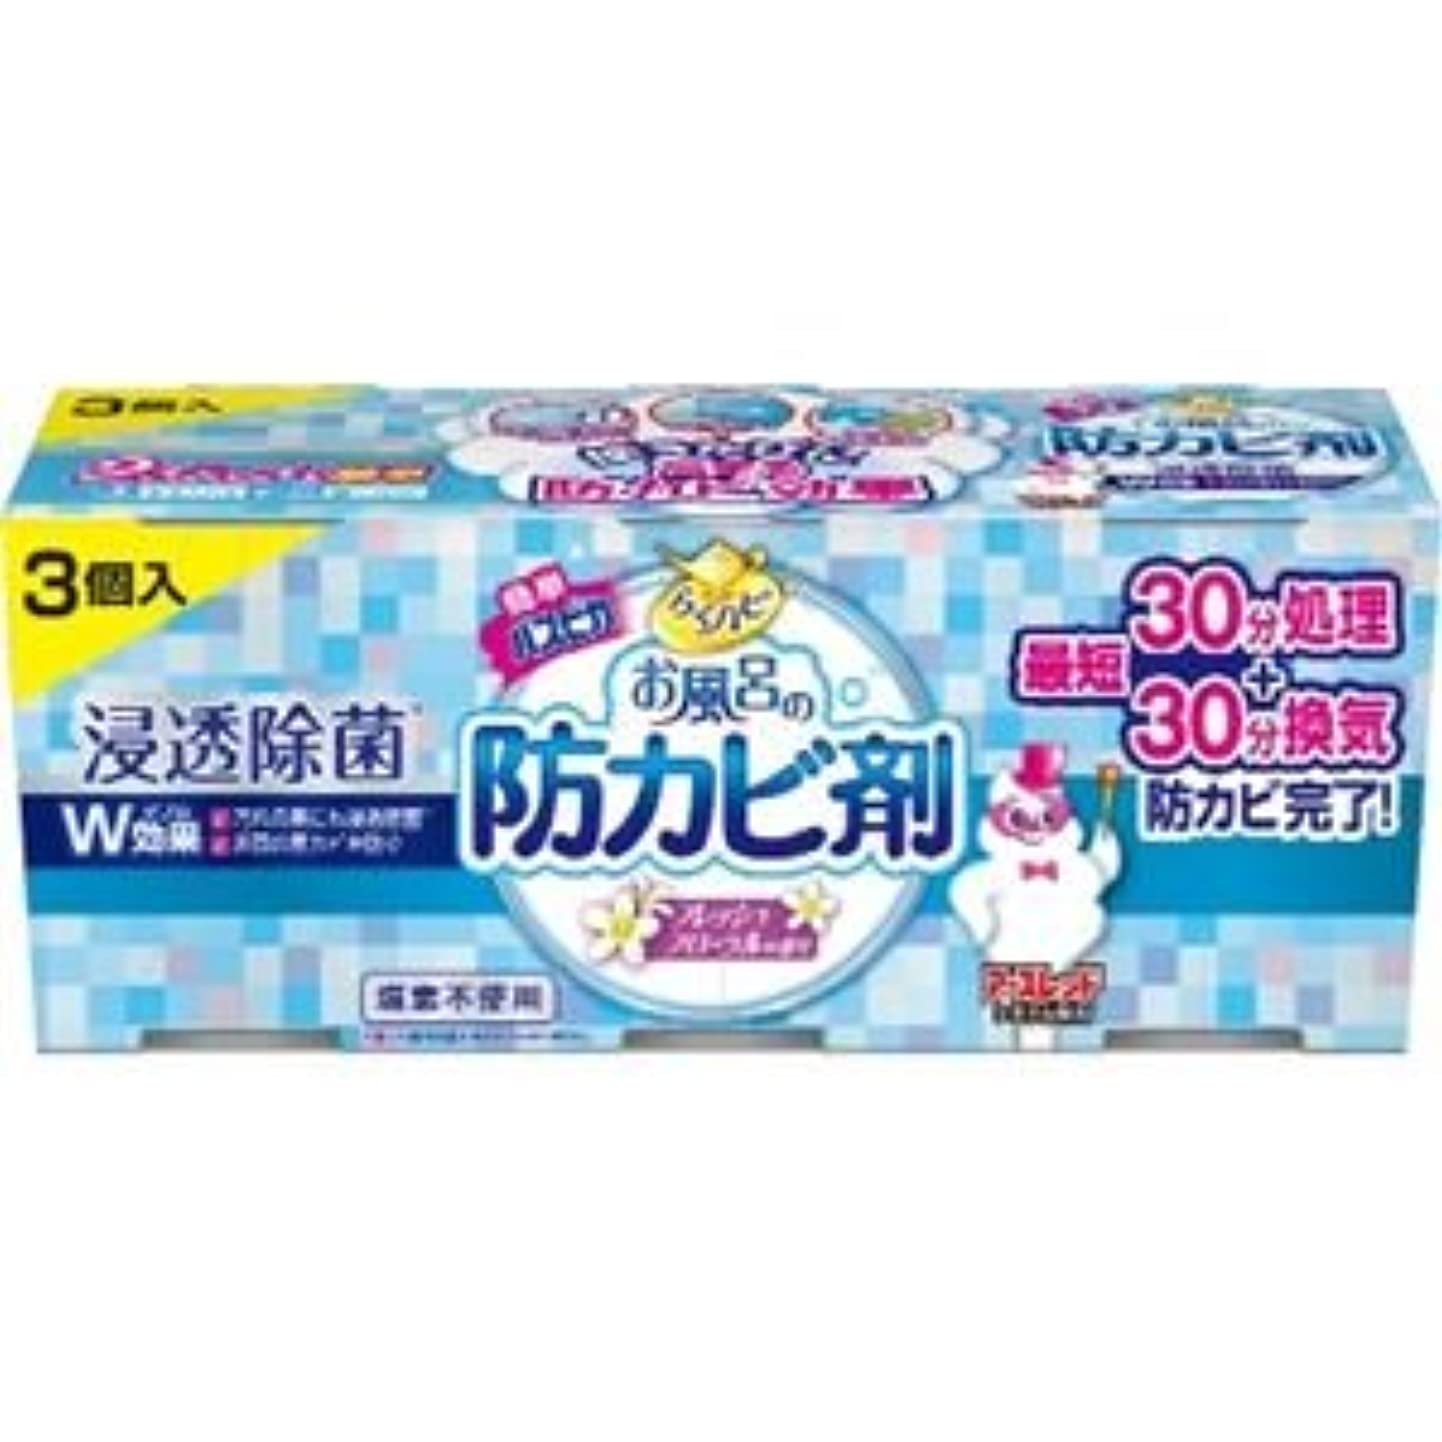 感動する広範囲に広範囲にアース製薬 らくハピお風呂の防カビ剤フローラル3個パック ×1点